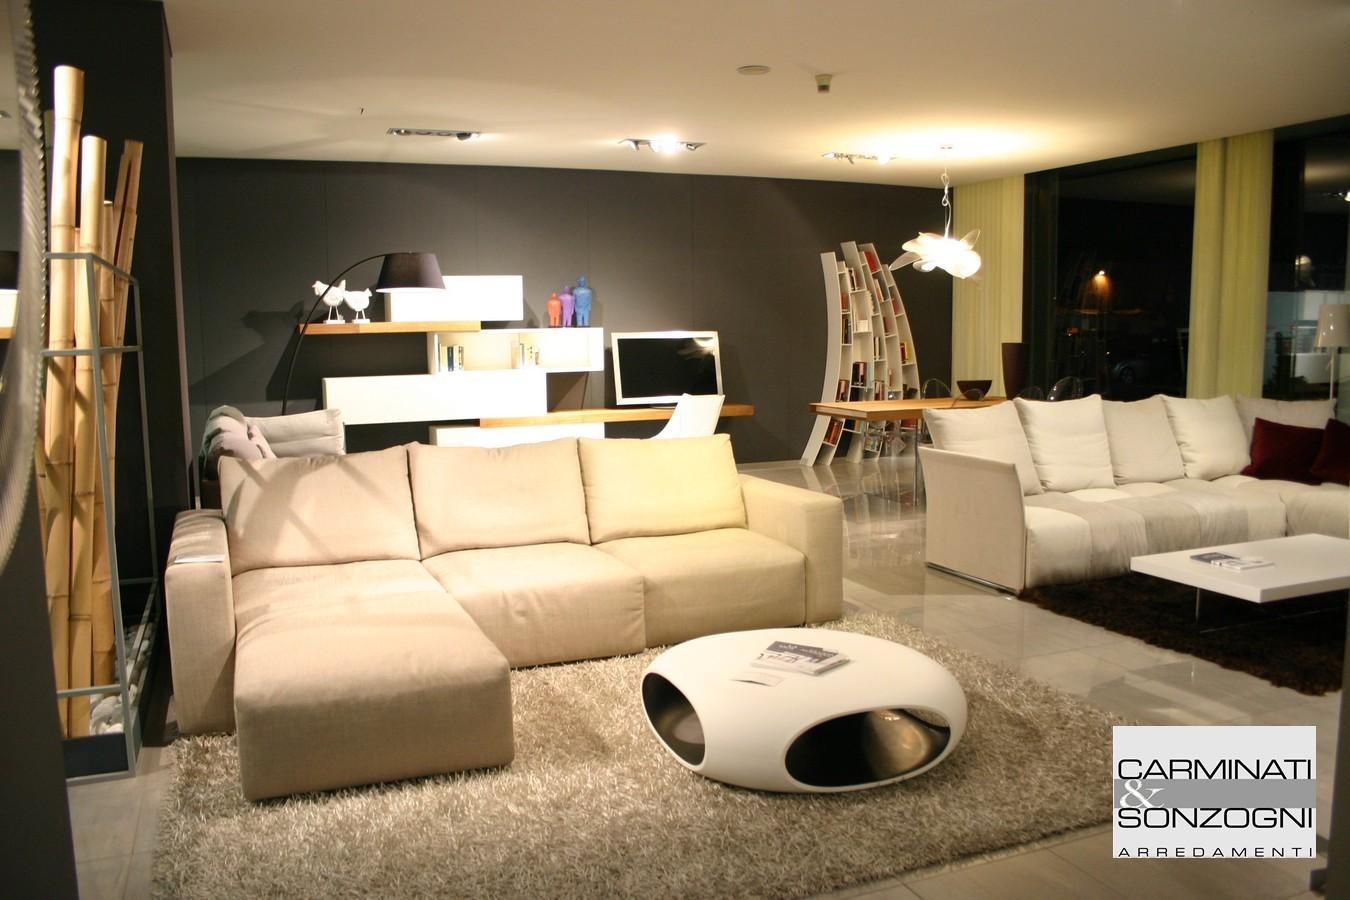 divano Taos Saba Italia nello showroom Carminati e Sonzogni a Zogno Bergamo.jpg